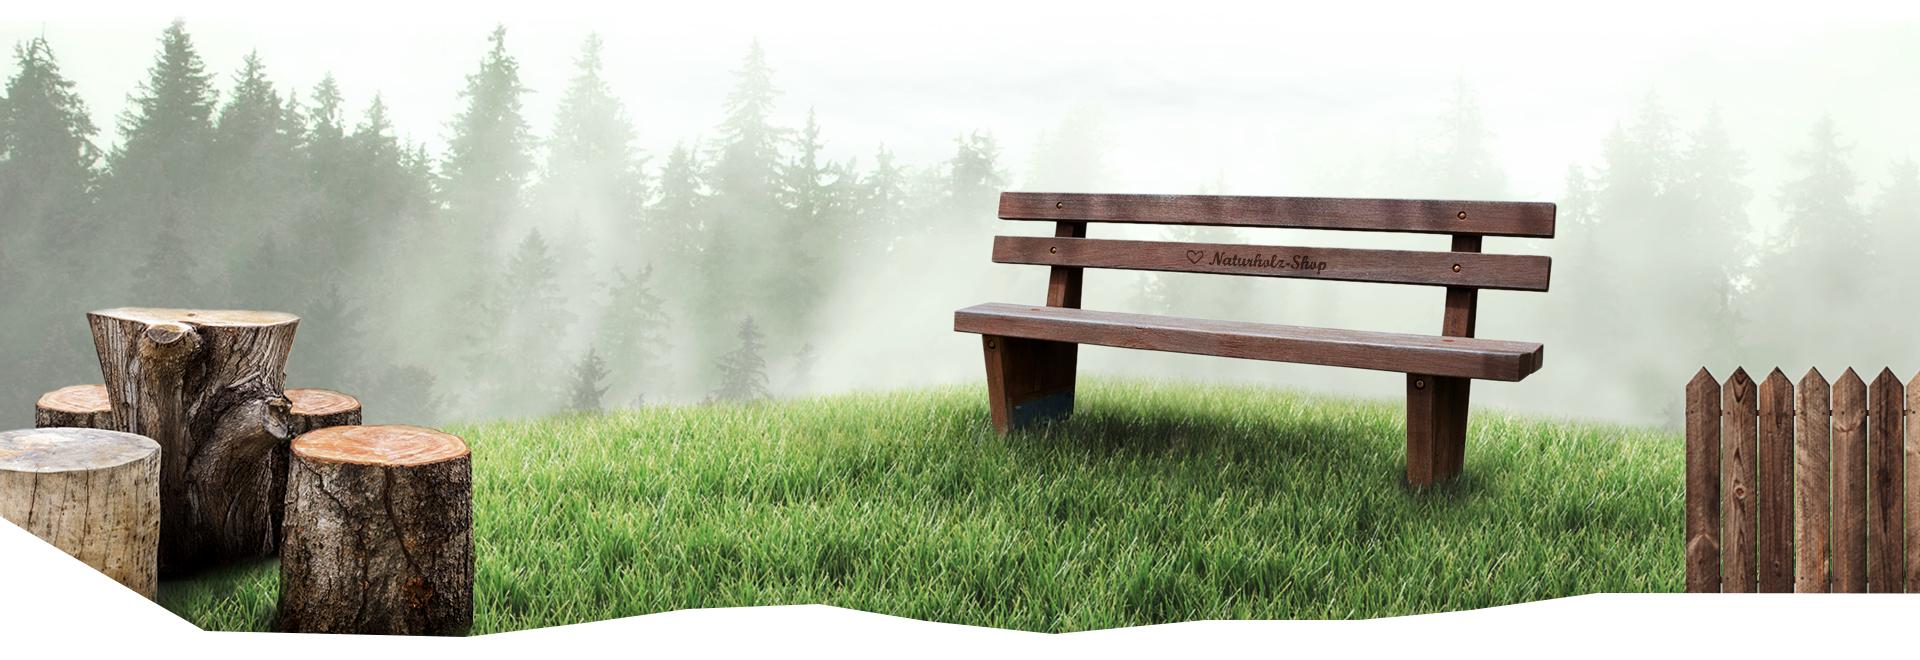 Ihr Shop für hochwertige Holzmöbel